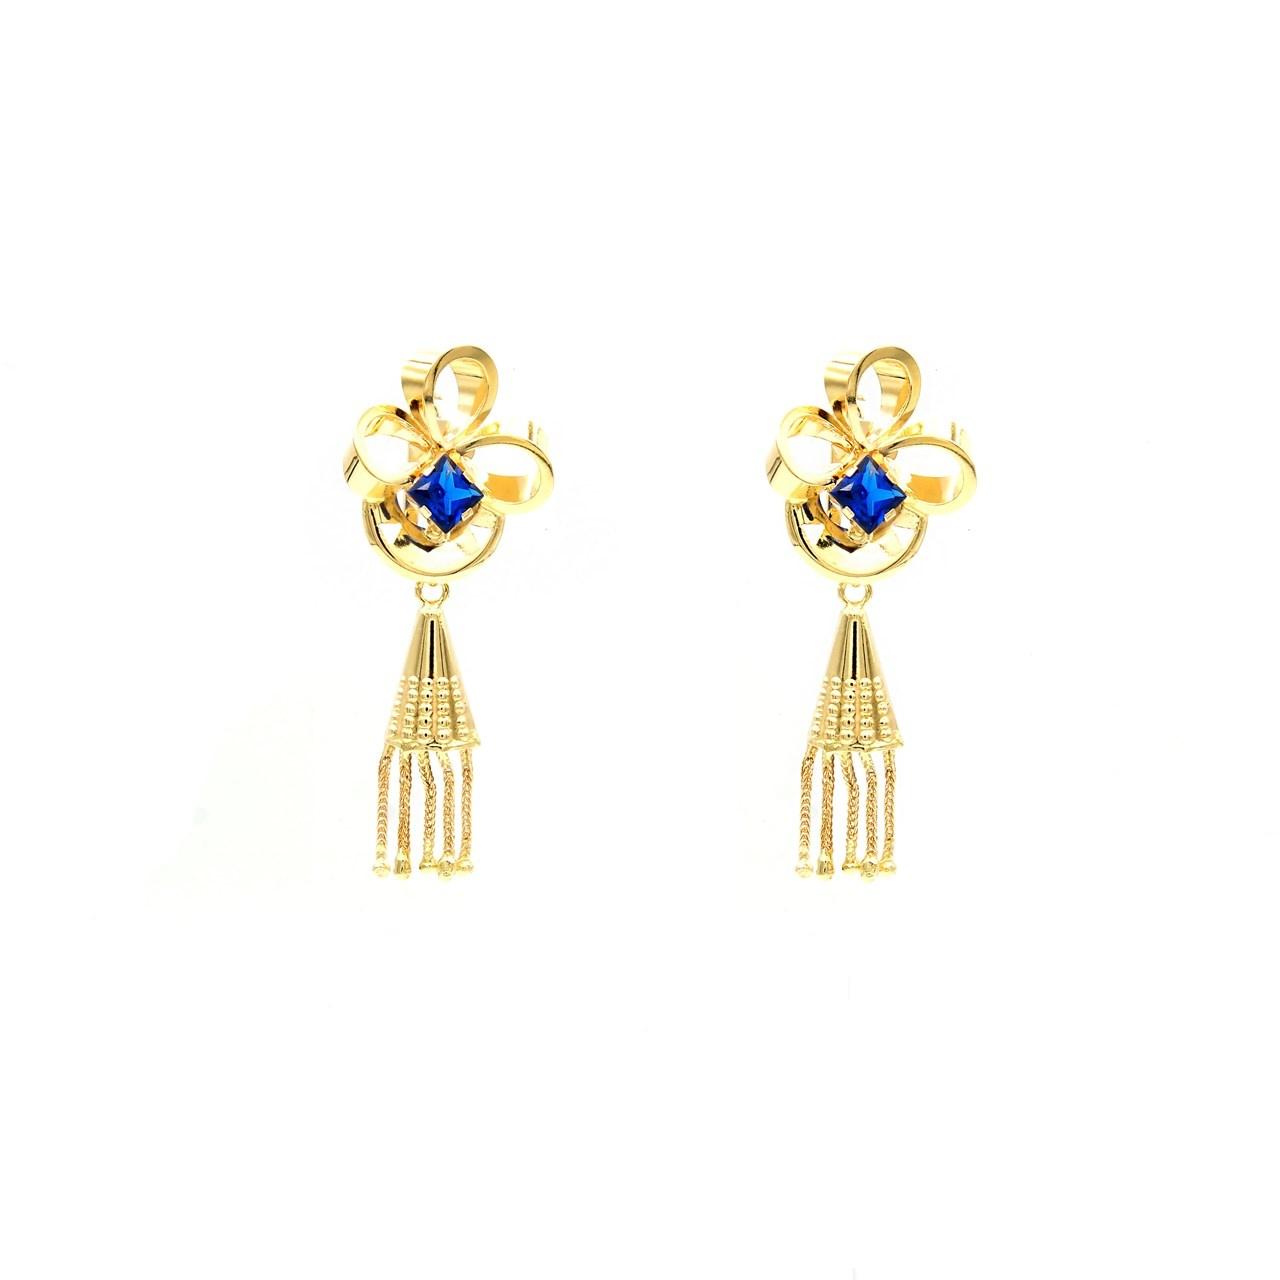 Oorbellen hangers bloem met blauwe steen driehoekje en sliertjes eraan-1